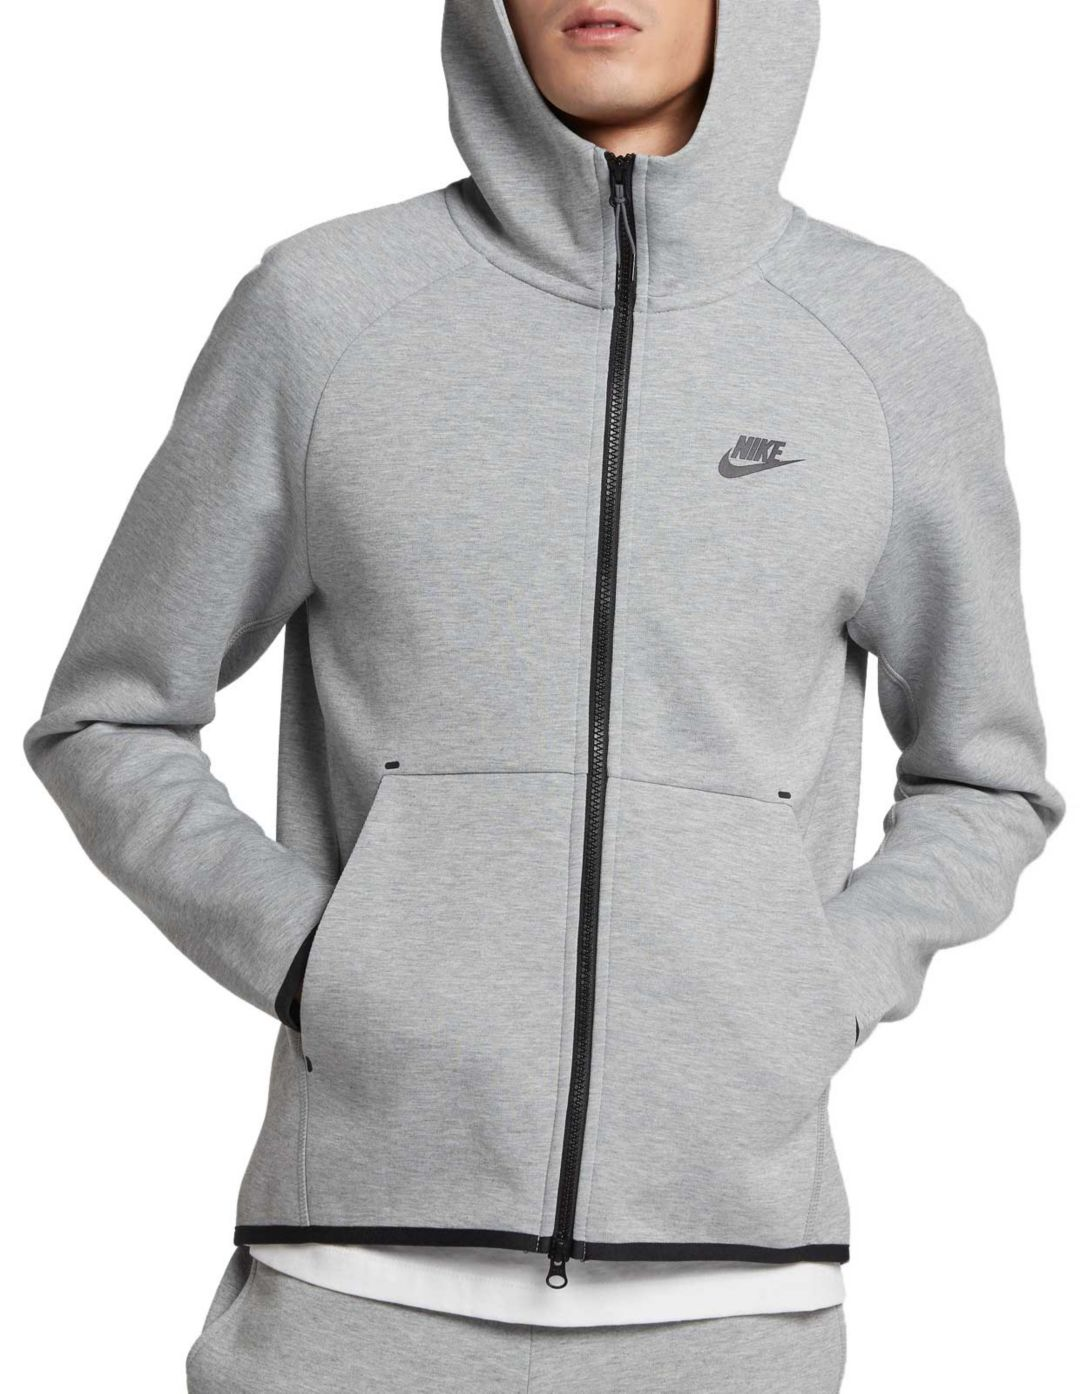 Nike Men's Sportswear Tech Fleece Full Zip Hoodie